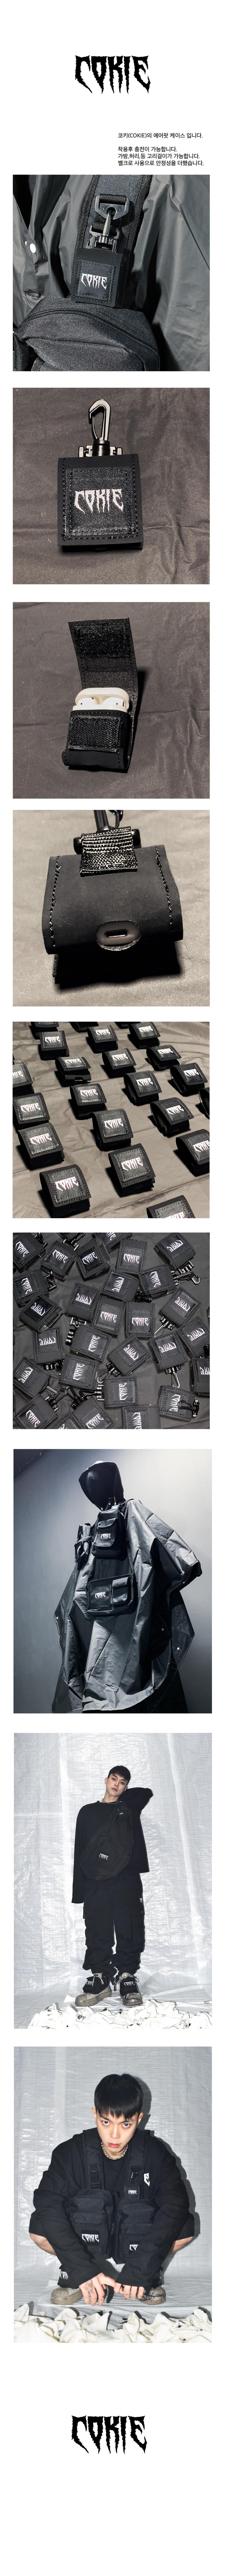 코키(COKIE) 코키 에어팟 케이스 - 블랙